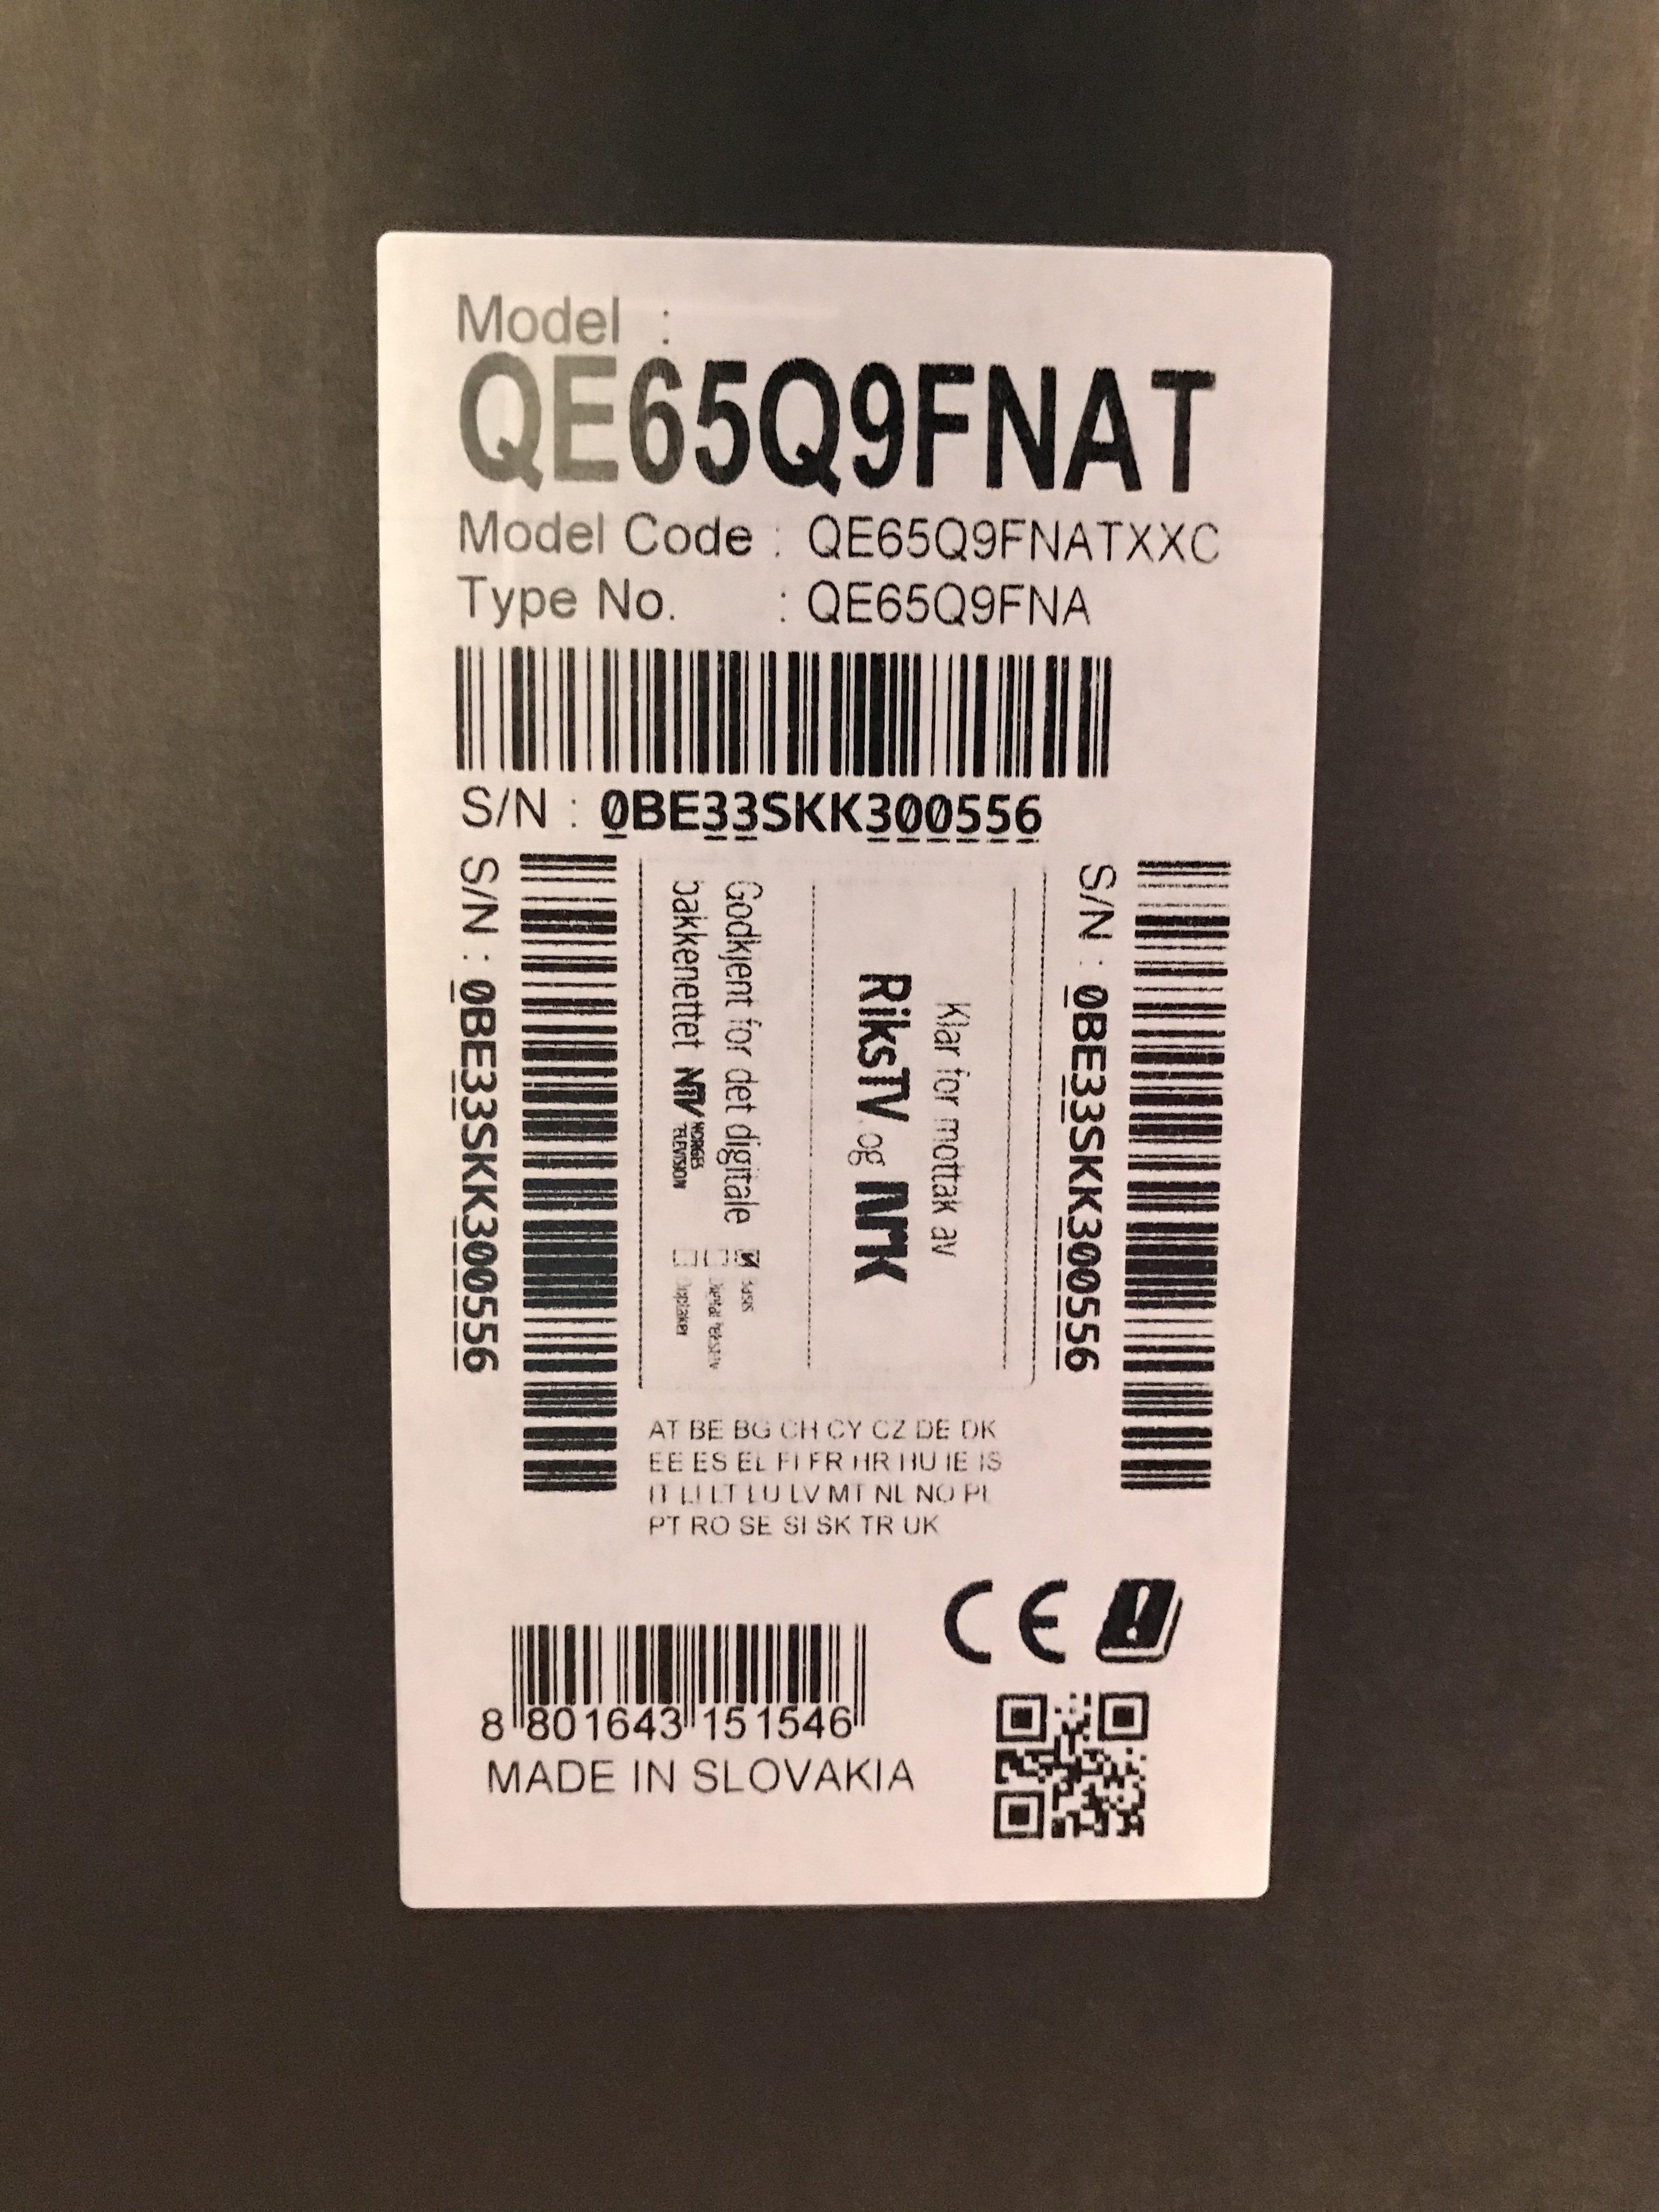 6844BB88-DD26-4E30-8DC6-FC96DC09EF64.jpeg